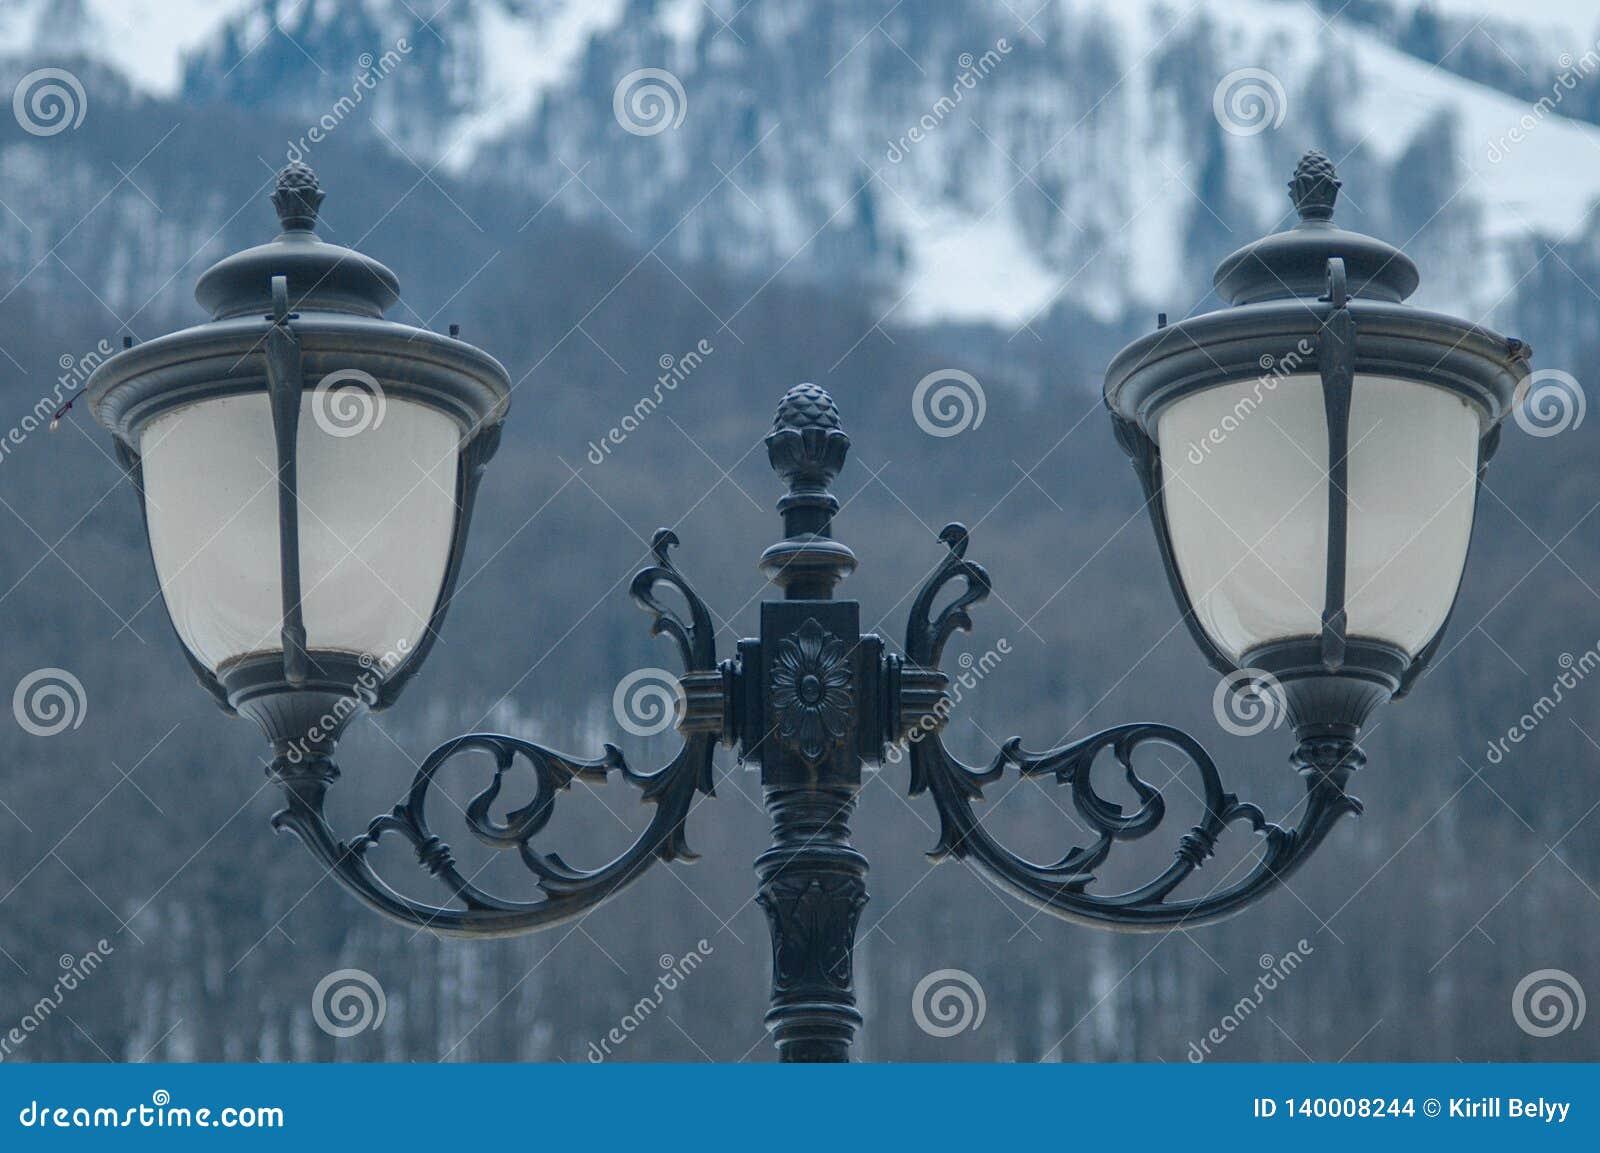 Lâmpadas de rua no fundo das montanhas